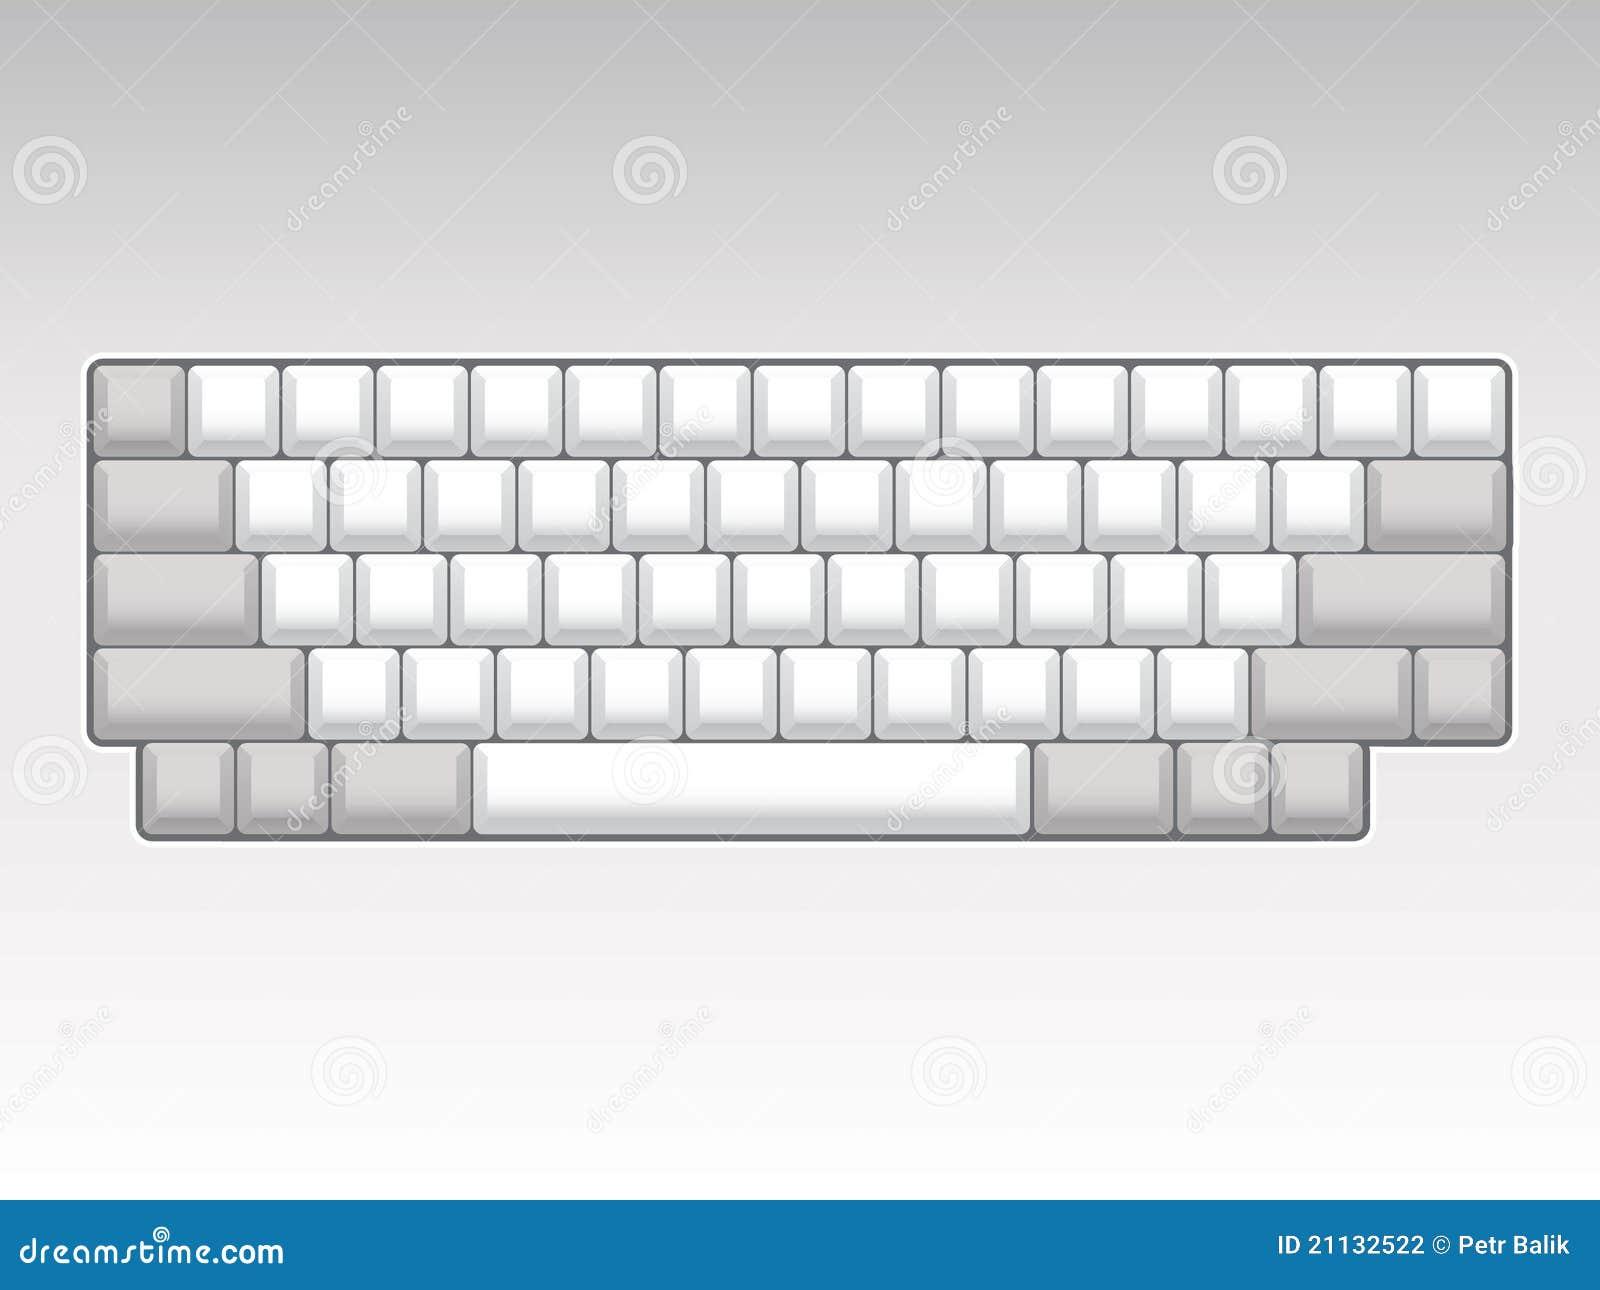 blank keyboard layout stock illustration illustration of board 21132522. Black Bedroom Furniture Sets. Home Design Ideas